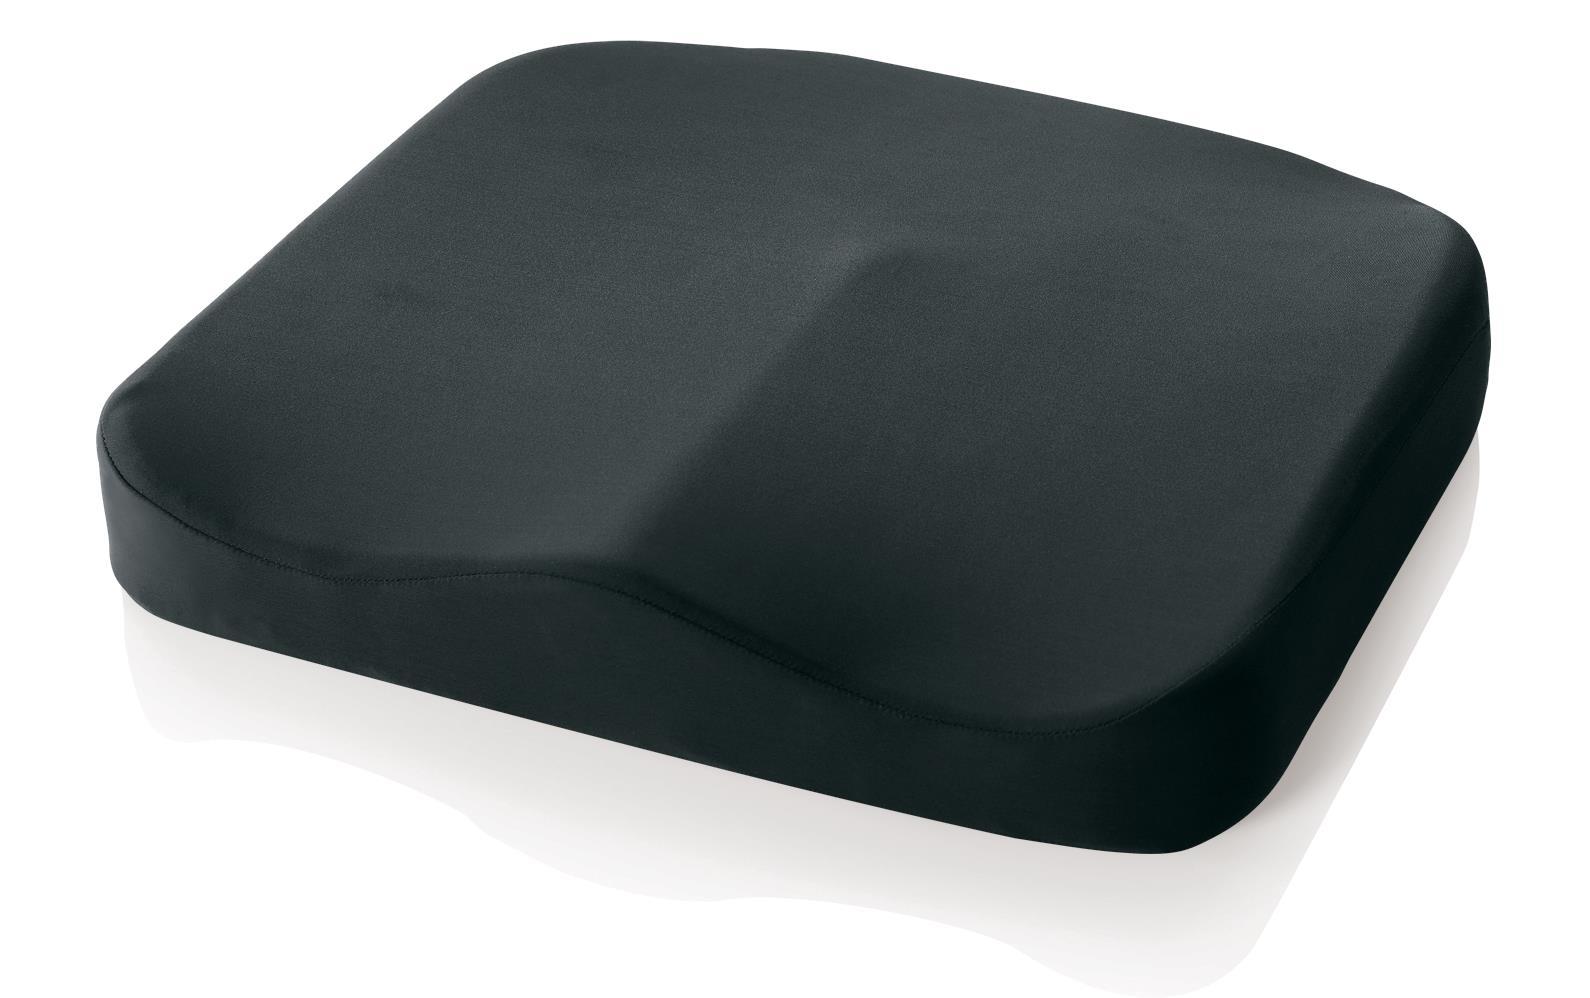 Charmant Tempur Pedic® CushionsTempur Pedic Seat Cushion ...